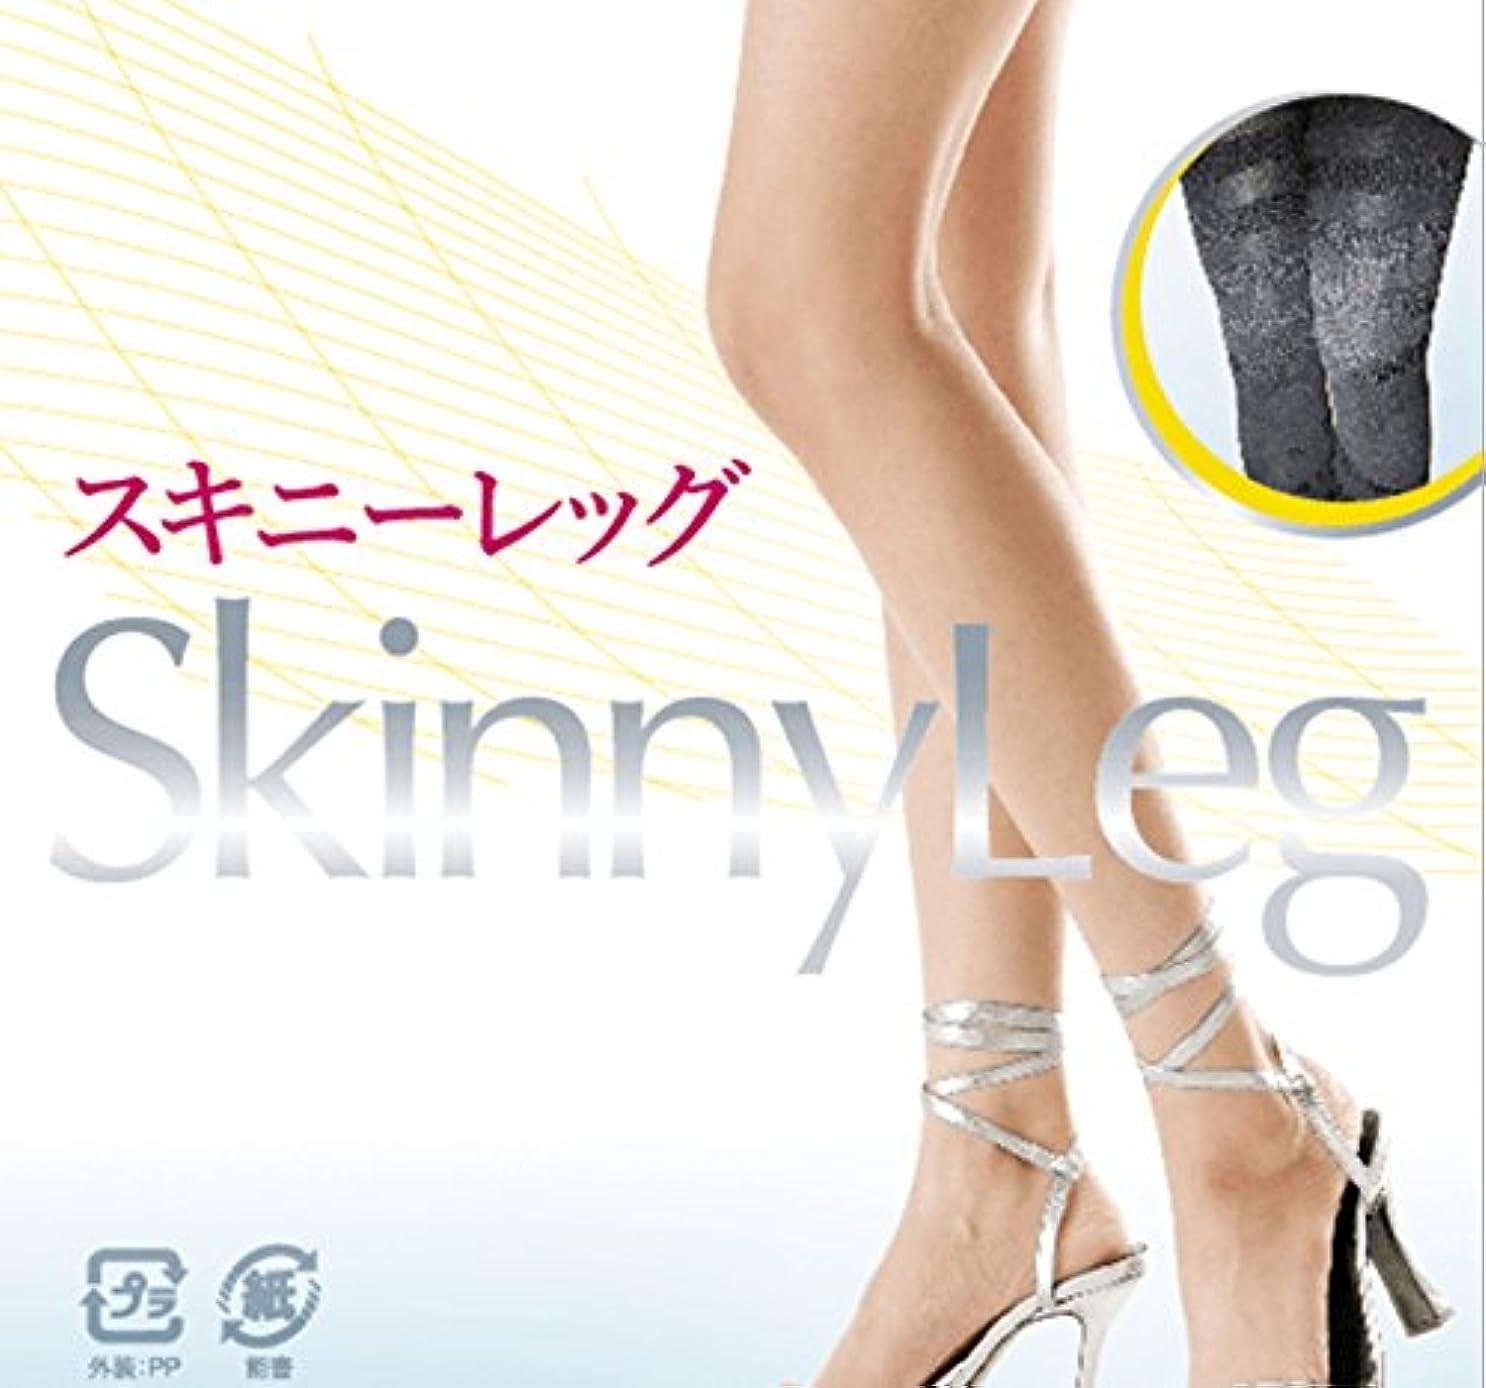 通知調整交換可能SkinnyLeg -スキニーレッグ-